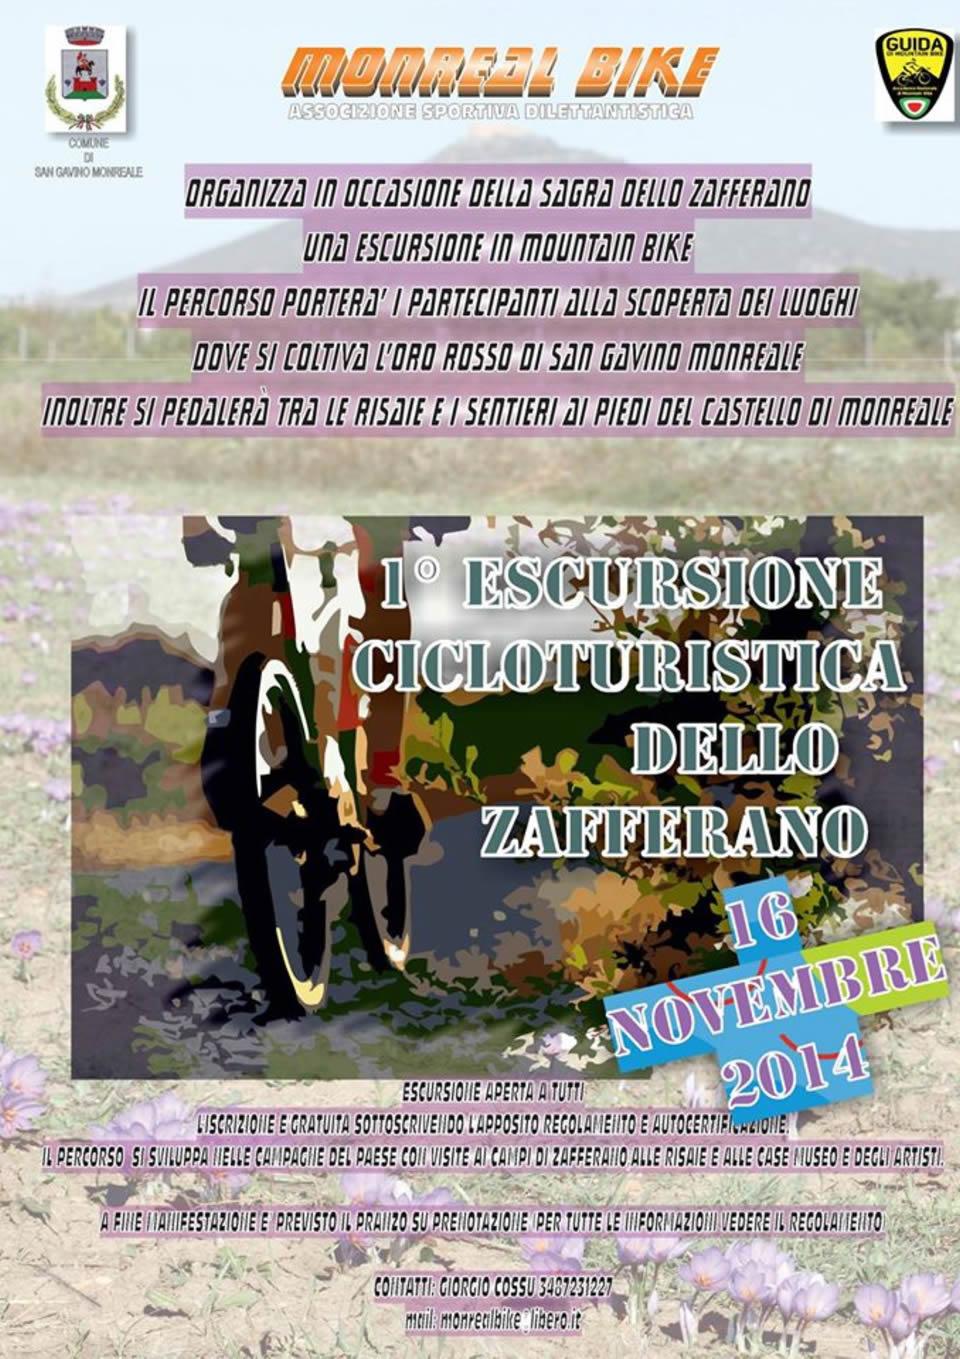 1° escursione cicloturistica dello zafferano